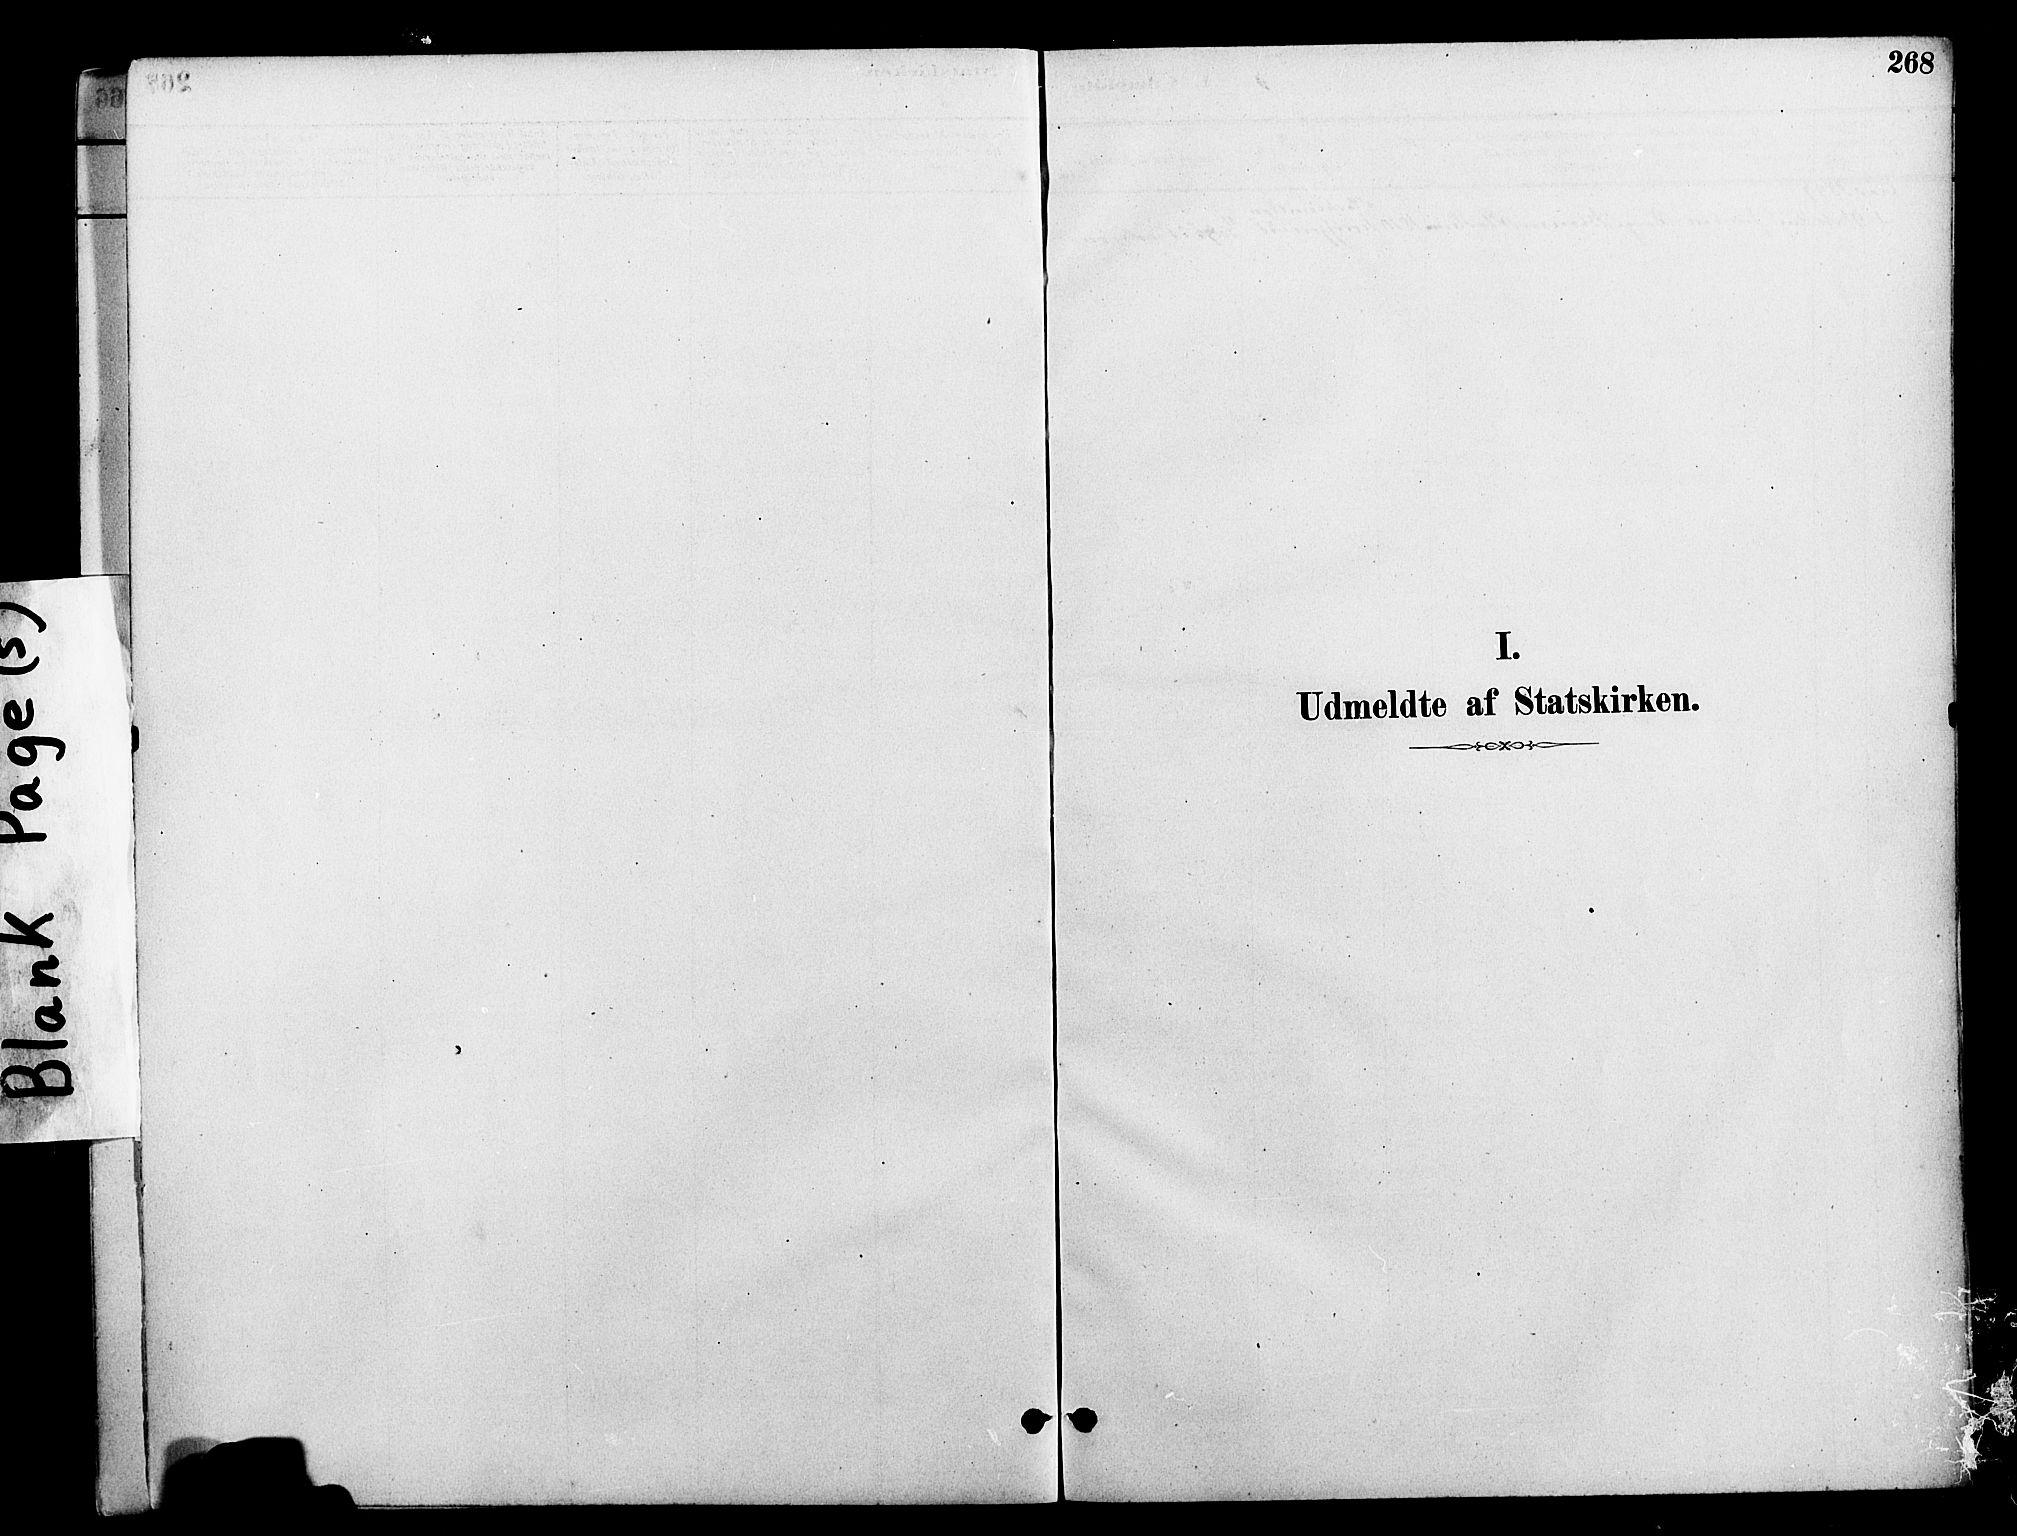 SAT, Ministerialprotokoller, klokkerbøker og fødselsregistre - Nord-Trøndelag, 712/L0100: Ministerialbok nr. 712A01, 1880-1900, s. 268